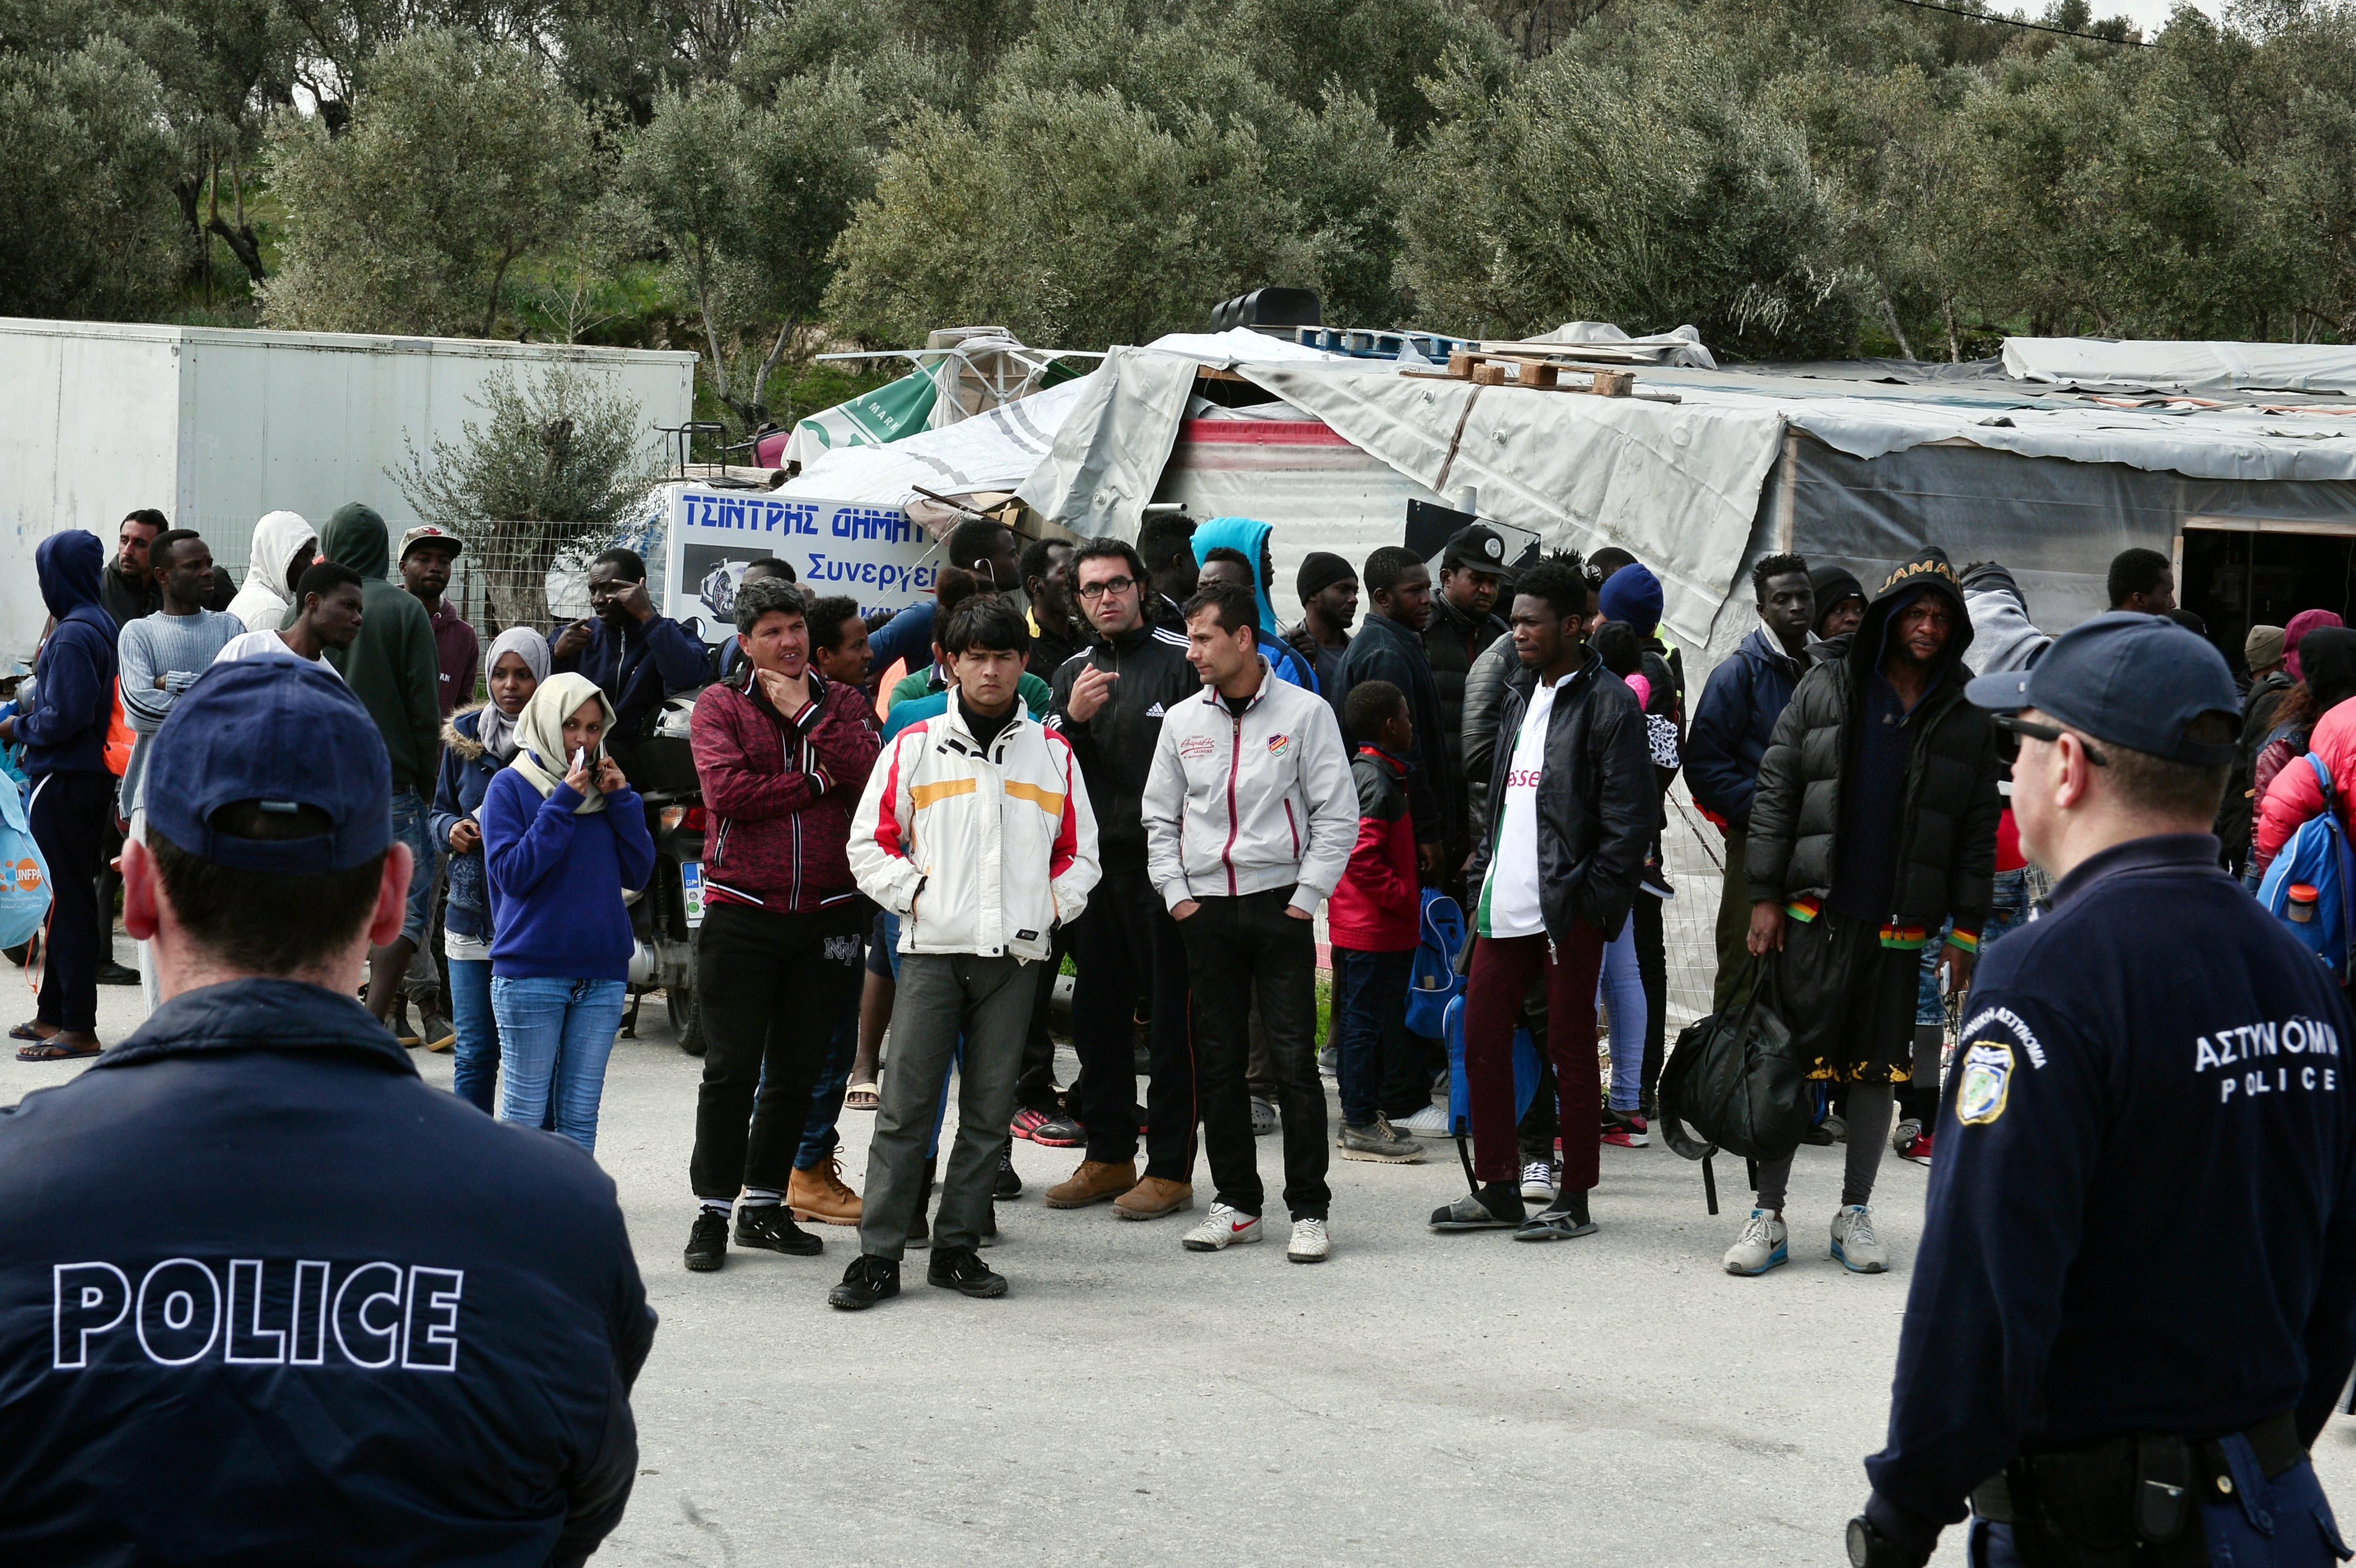 Egy német miniszter szerint a befogadott menekültek háromnegyede még 5 év múlva is munkanélküli lesz